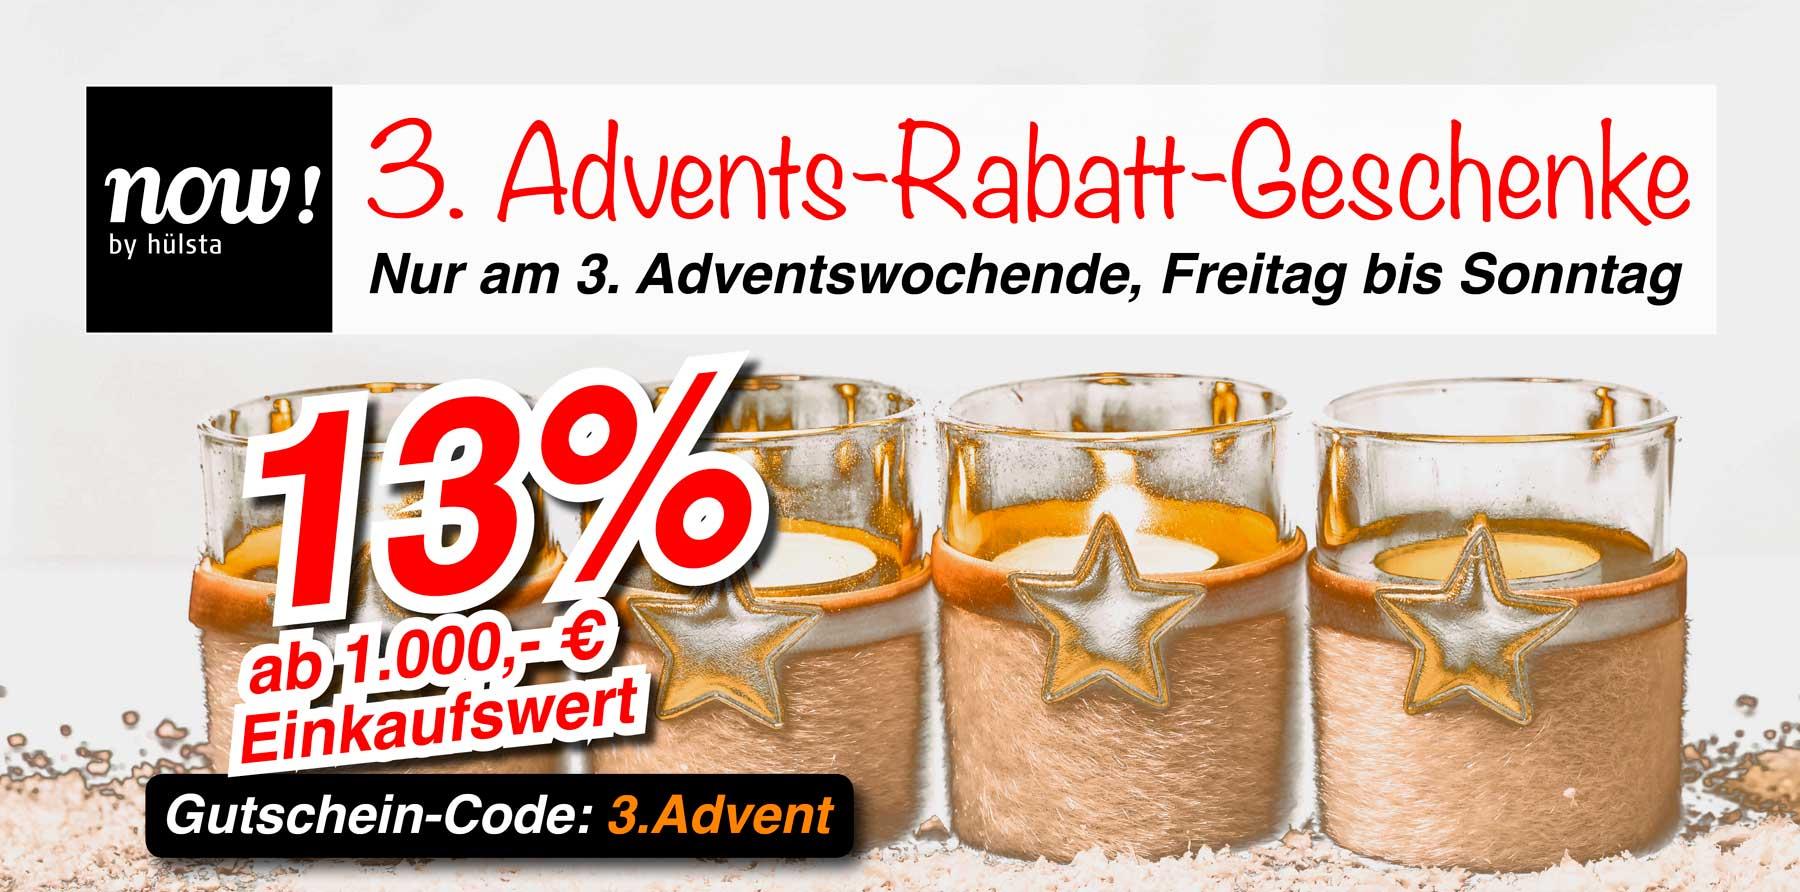 +++ JETZT SCHNELL AM WOCHENENDE SPAREN!+++